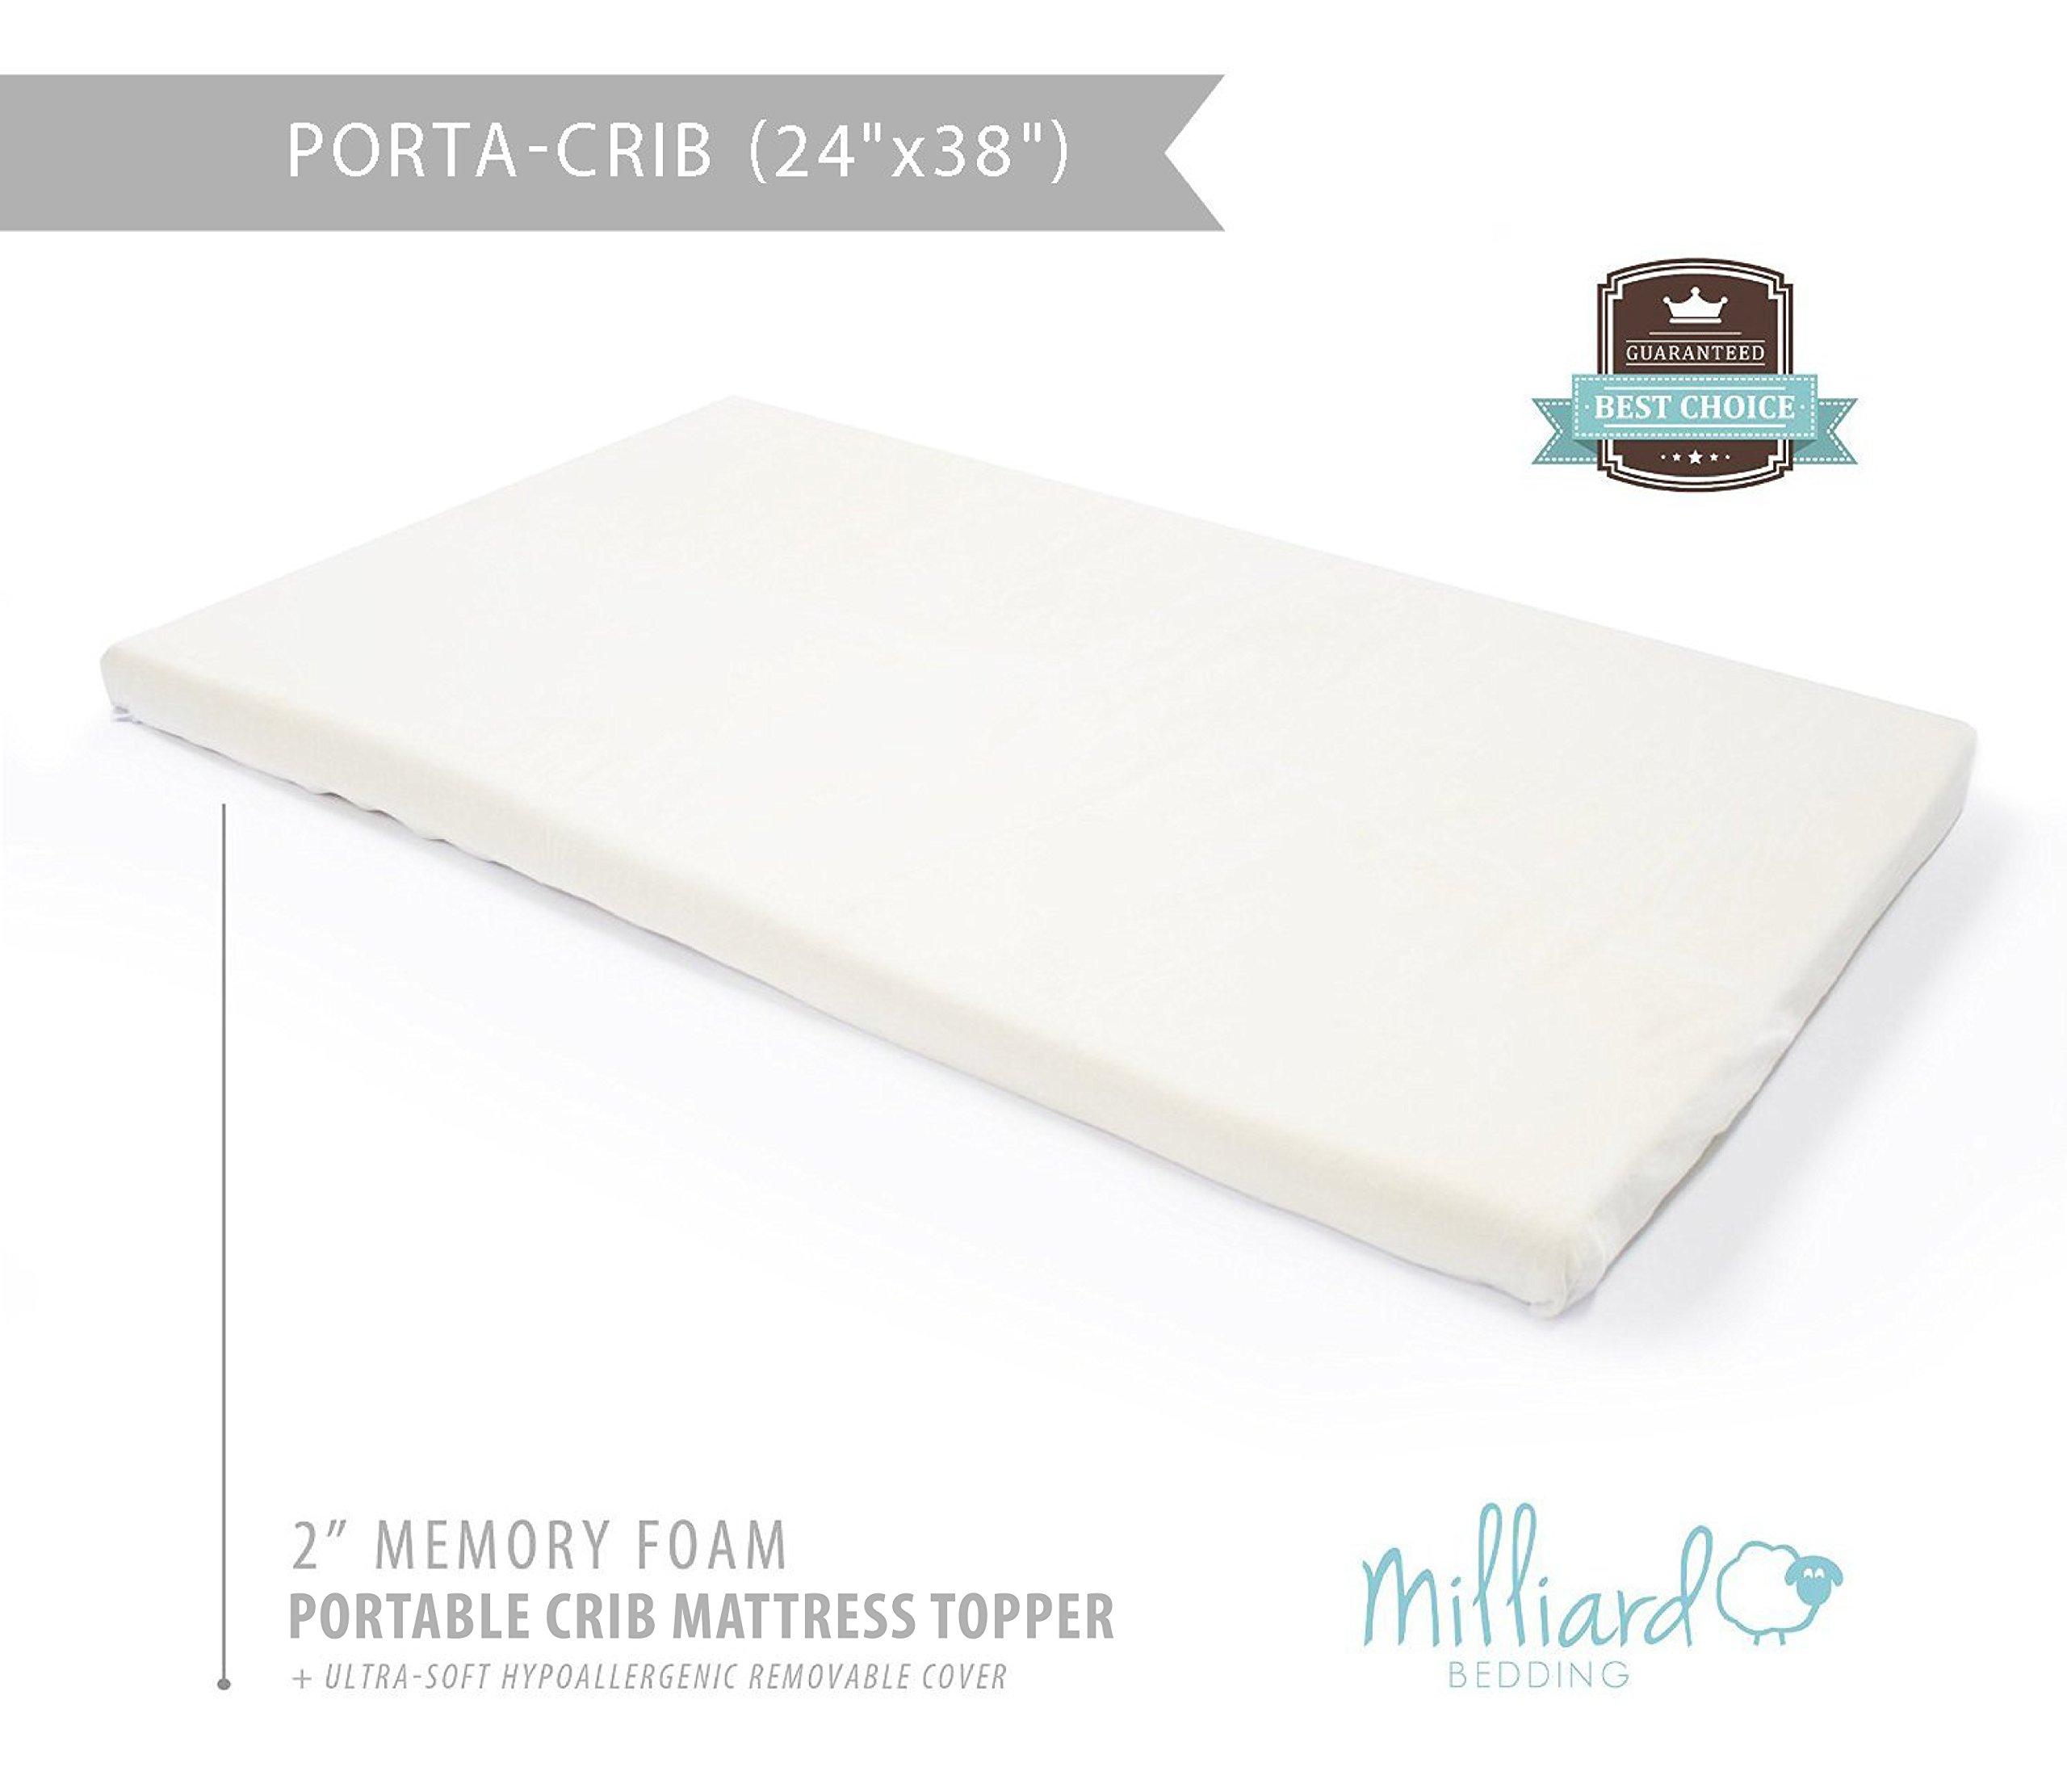 Milliard Mini-Crib Memory Foam Mattress Topper - SIZED FOR THE MINI CRIB - 24'' wide x 38'' long